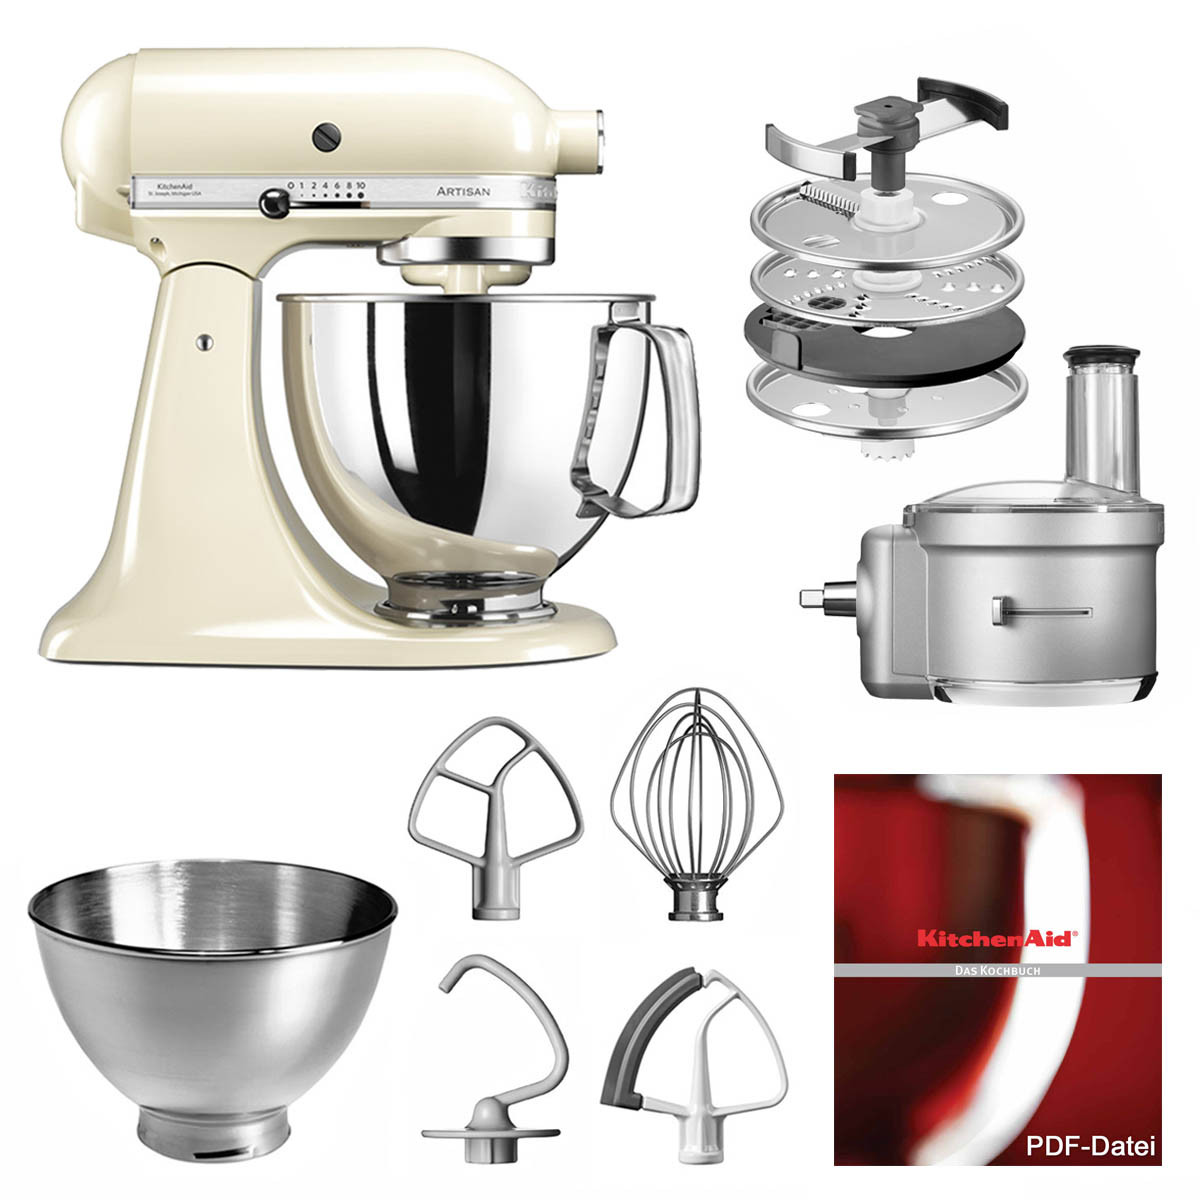 KitchenAid Küchenmaschine 175PS Foodprocessor Set mandel